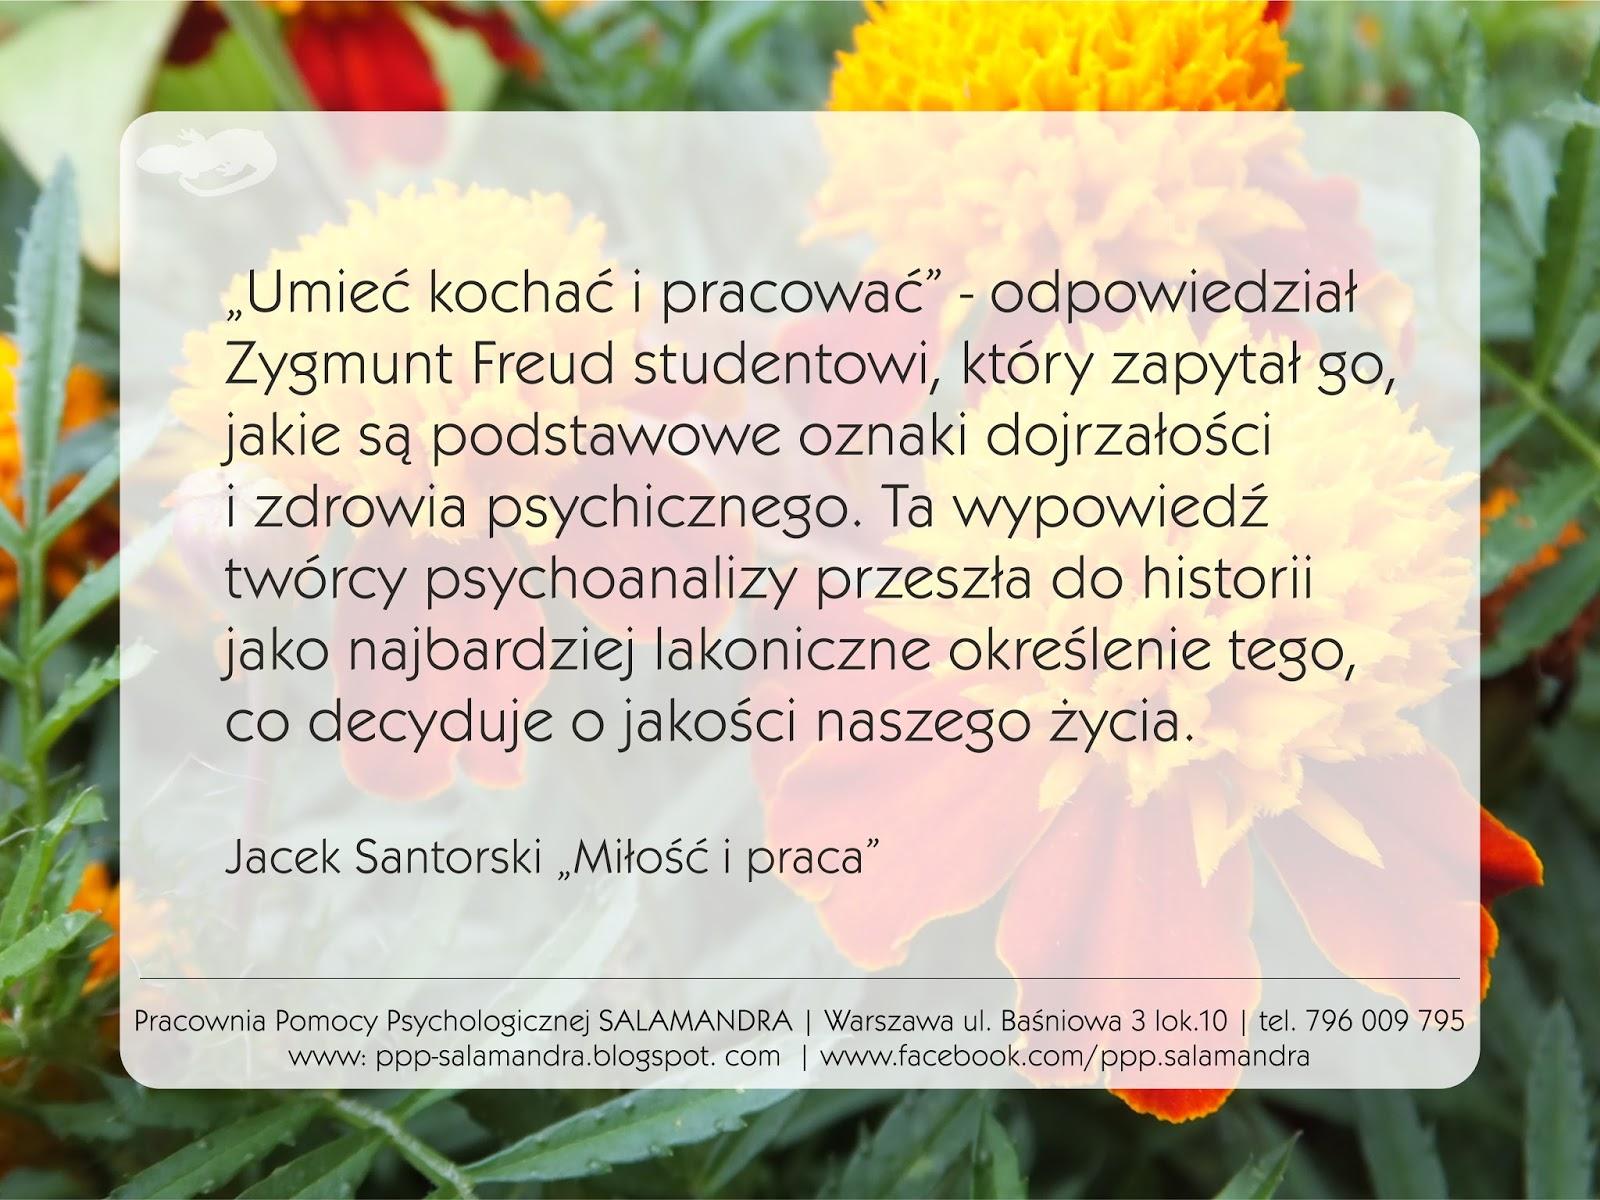 Podstawowe oznaki zdrowia psychicznego - umieć kochać i pracować